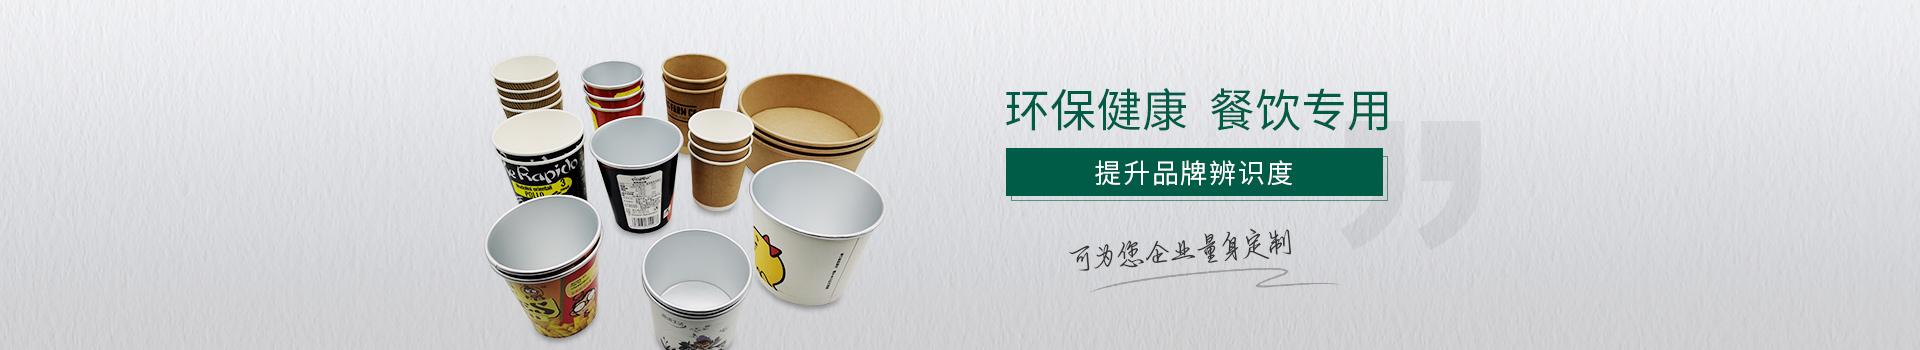 铝箔纸杯,环保健康,餐饮专用